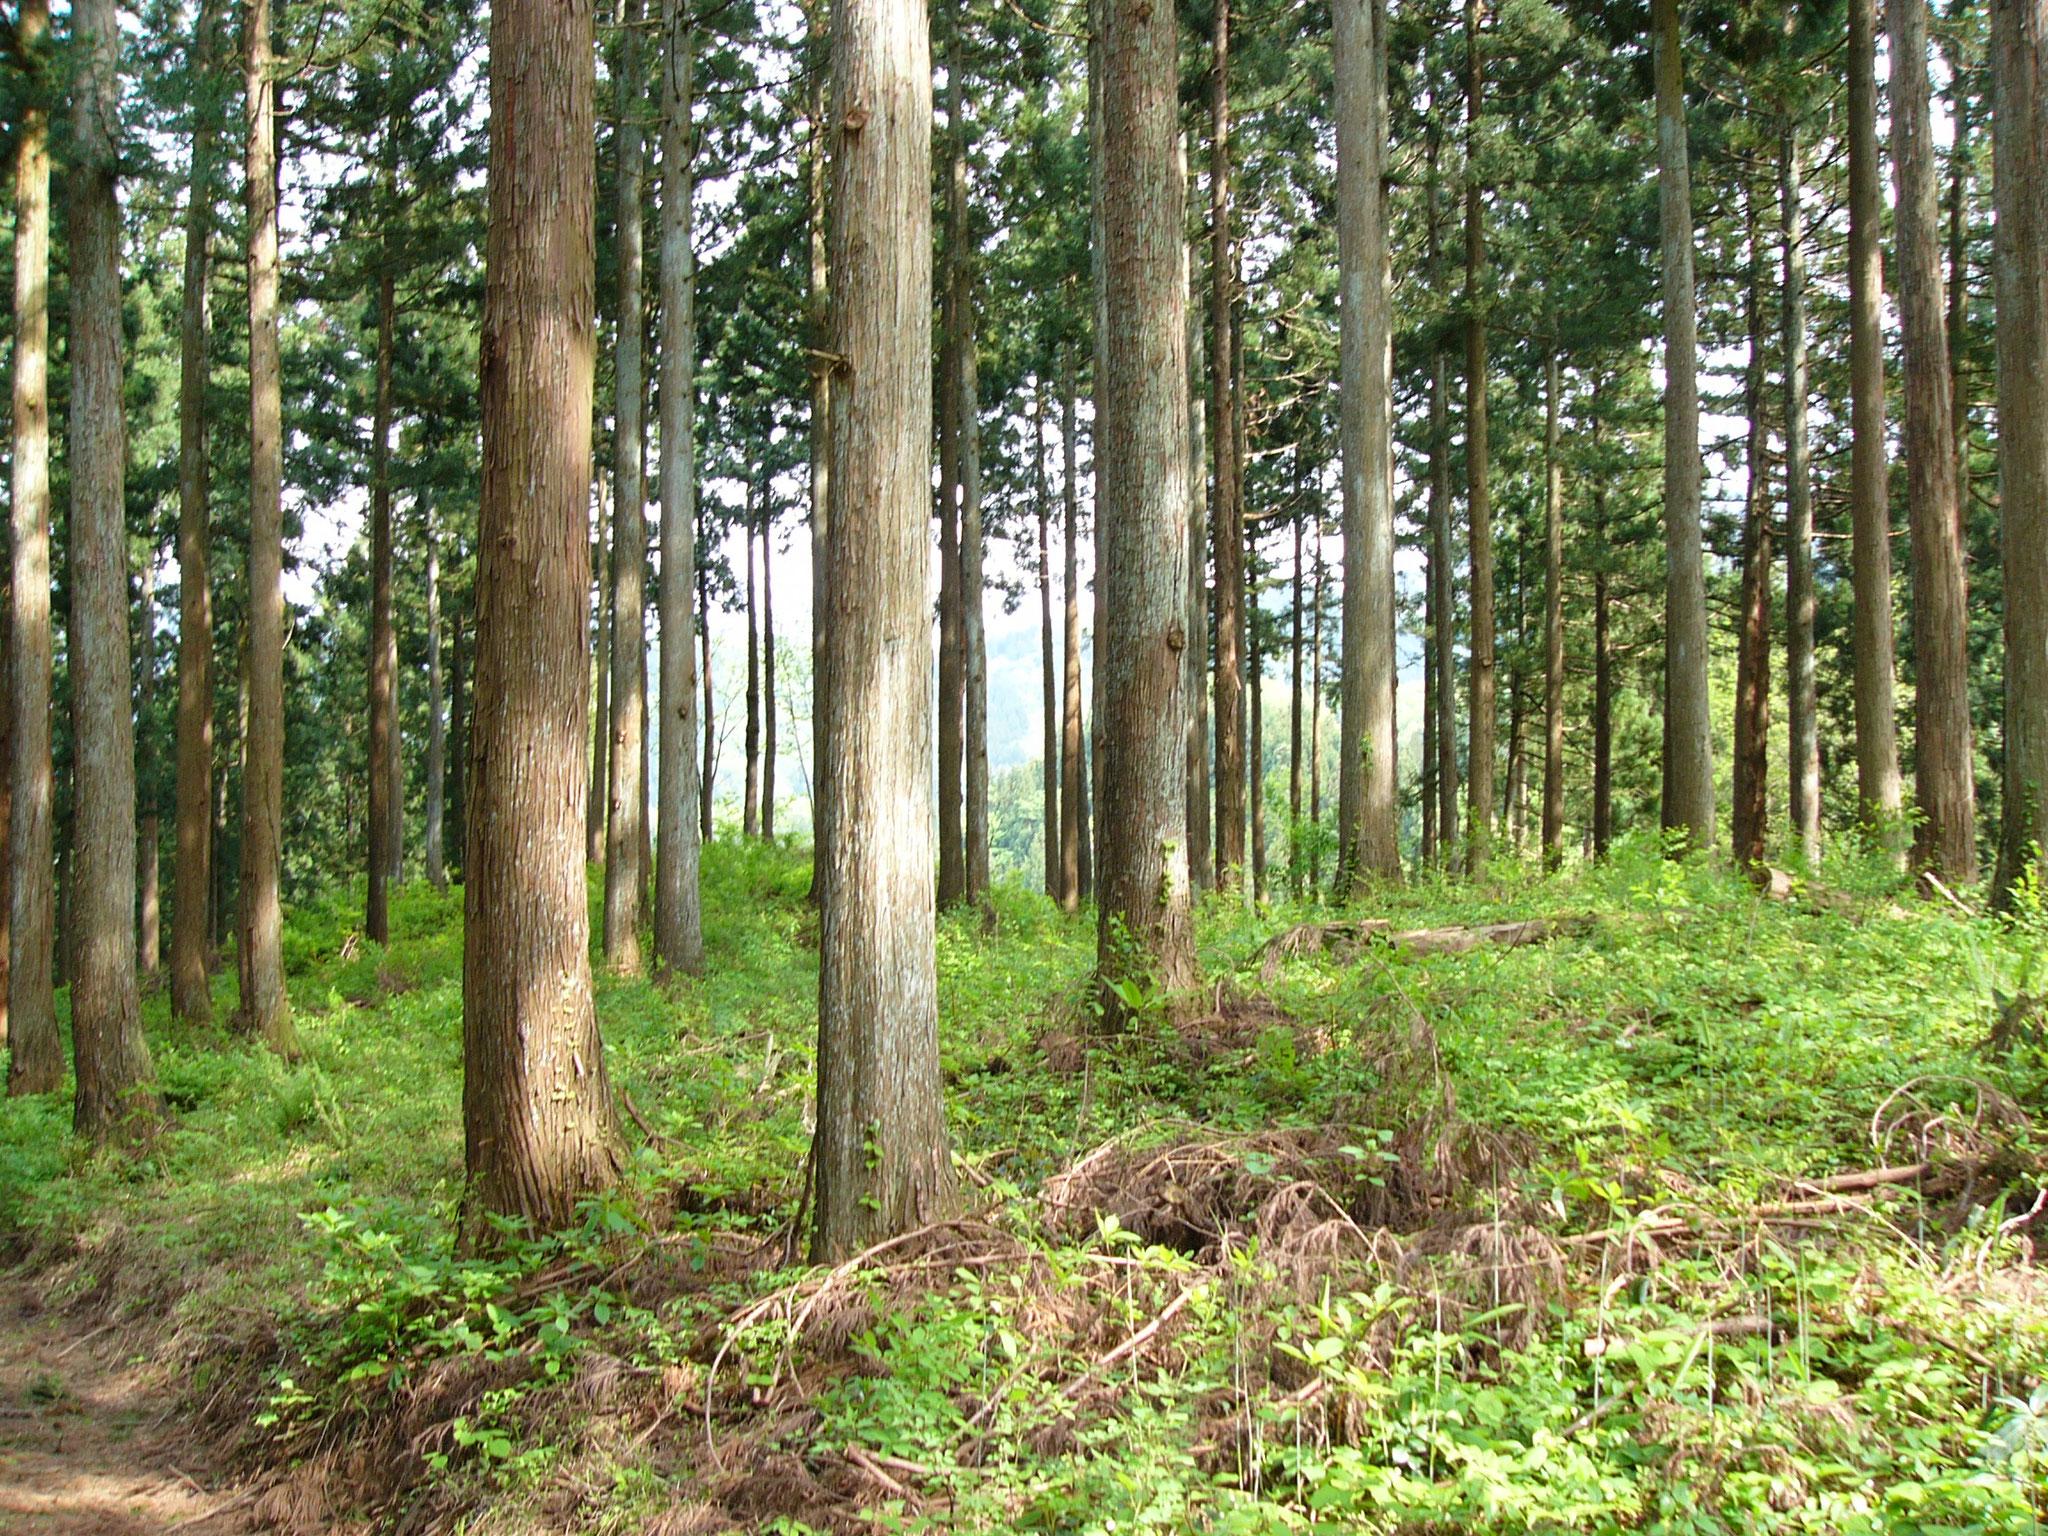 渡邊士乃武自然保護区  島尻トラスト地(富山県魚津市) 2006年取得 約2ha